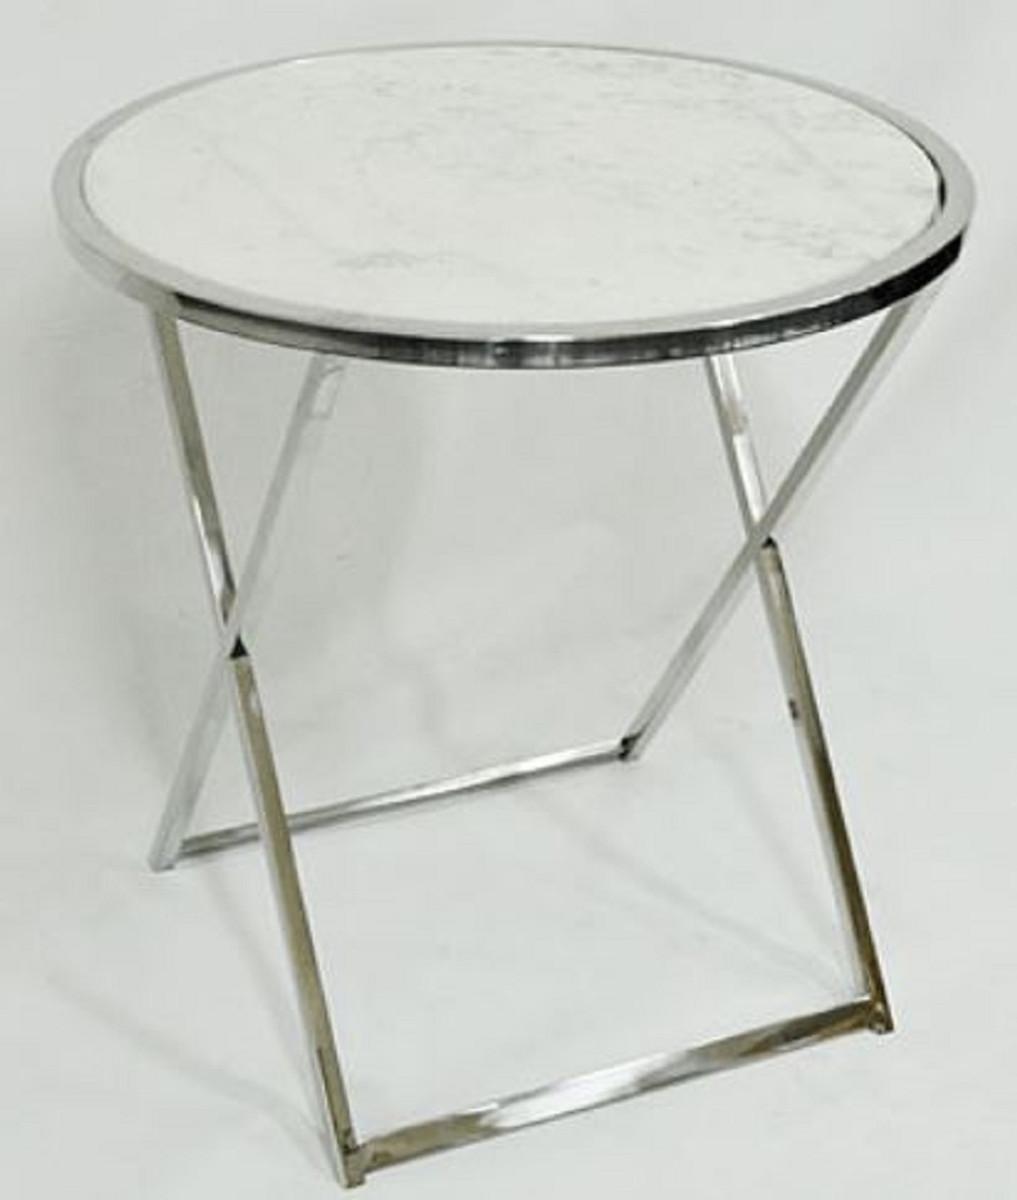 Casa padrino luxus beistelltisch silber wei 75 x h for Runder tisch mit marmorplatte